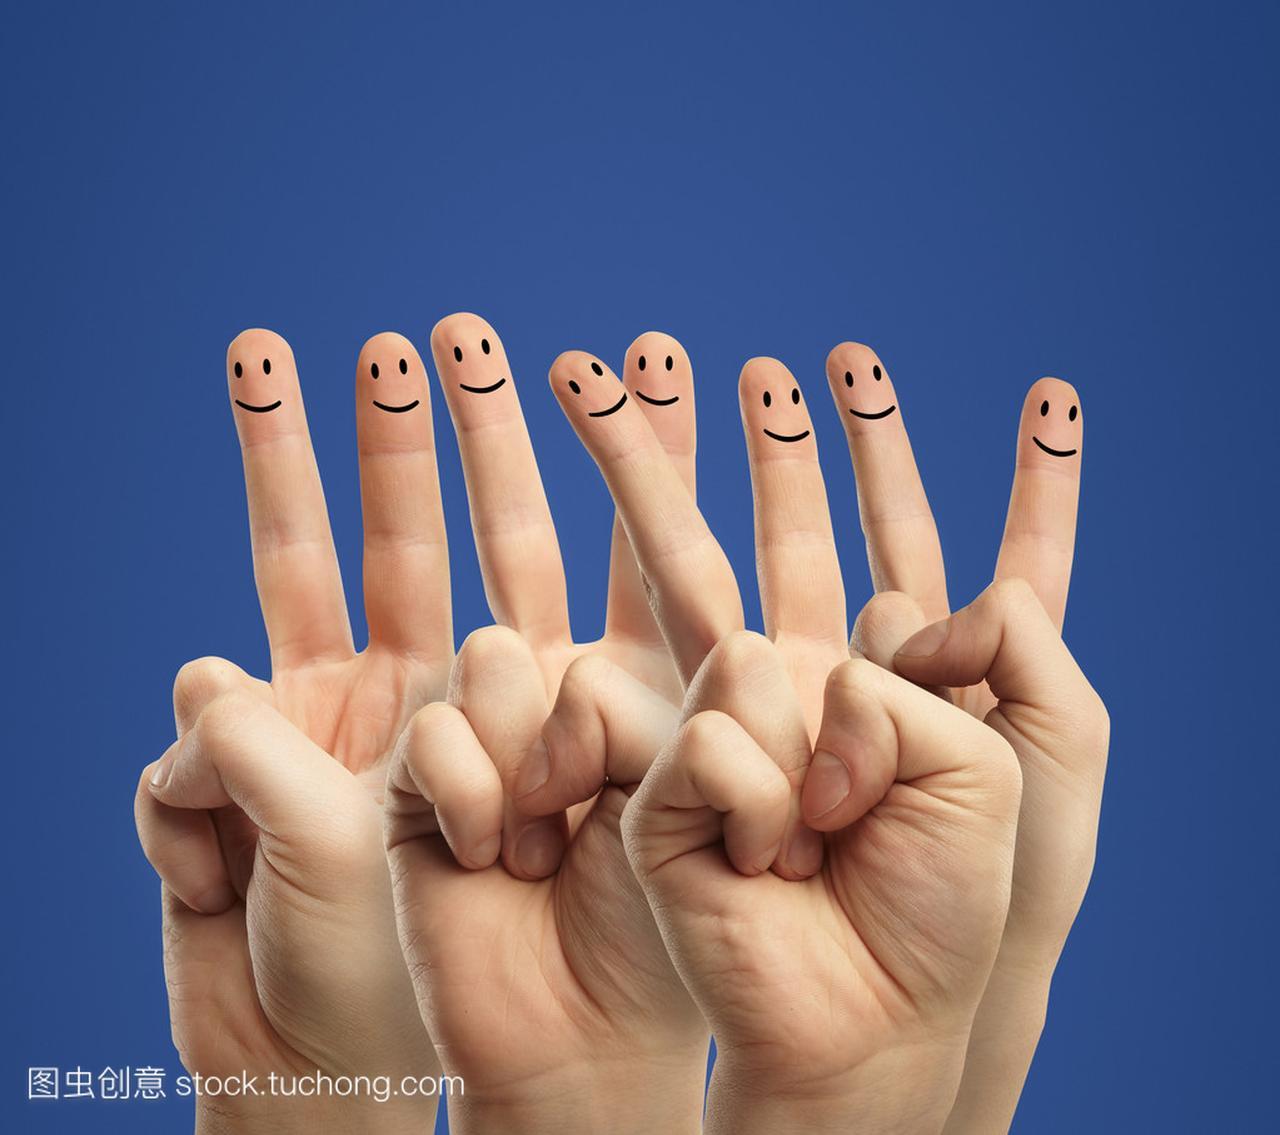 表情手指的微聊天图片搞笑幽默信图片